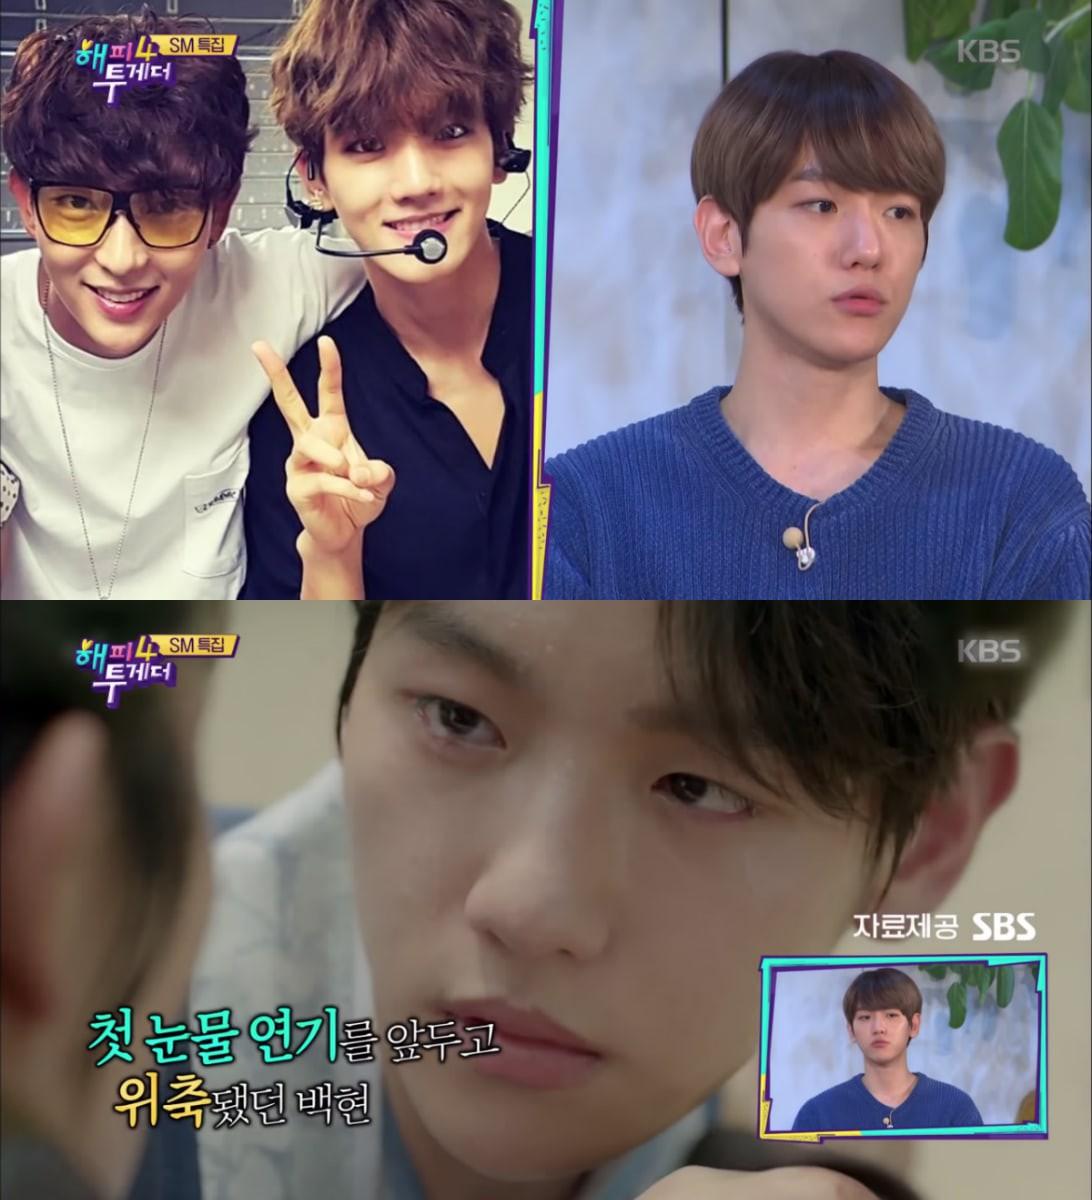 Baekhyun, Sehun lần đầu tiết lộ về cơ duyên và lý do bất ngờ trở thành bạn với Seungri cùng tài tử Lee Jun Ki - Ảnh 1.